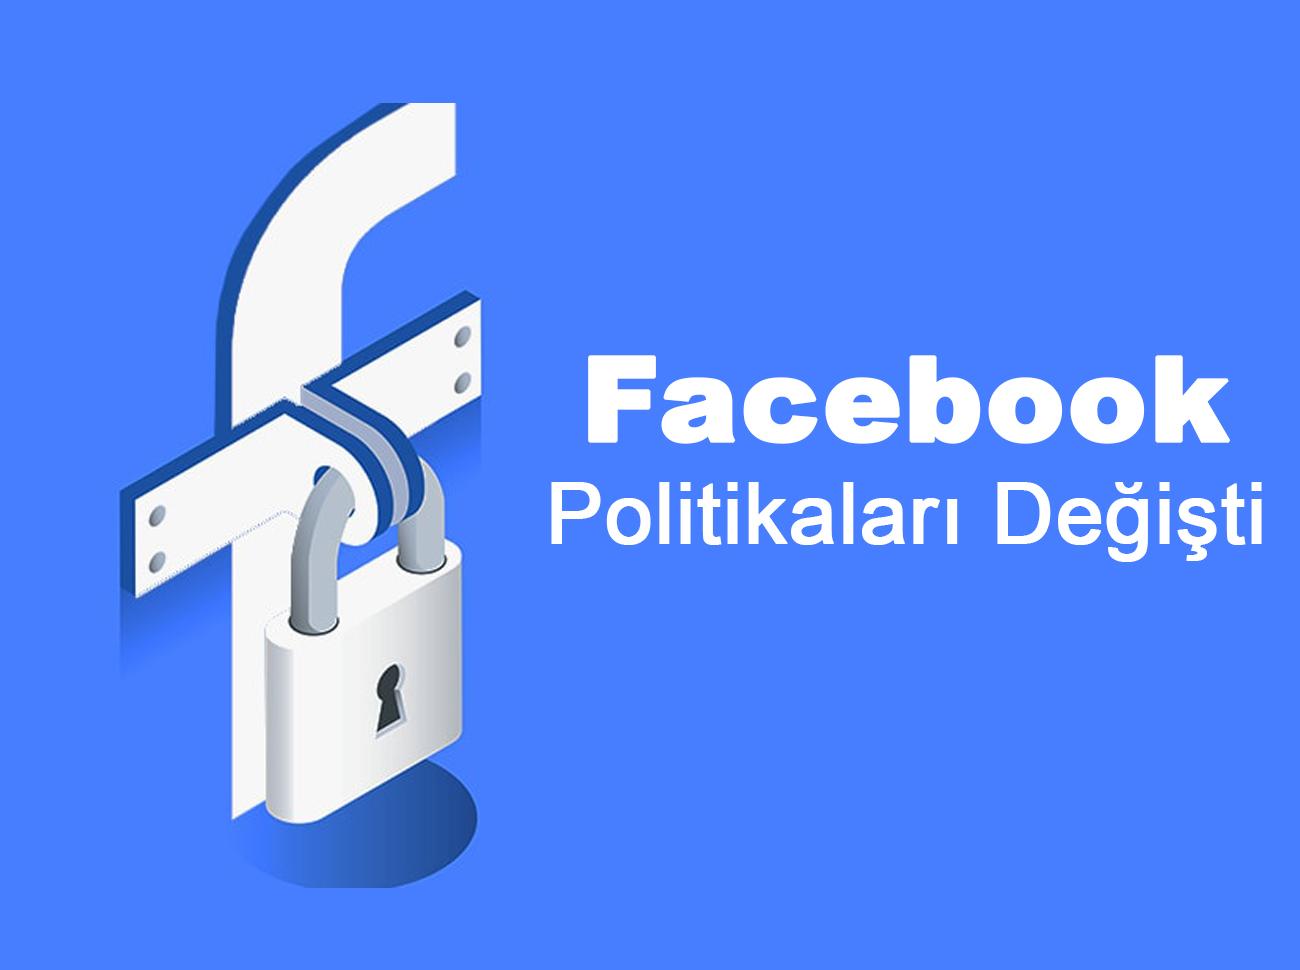 Facebook Politikaları